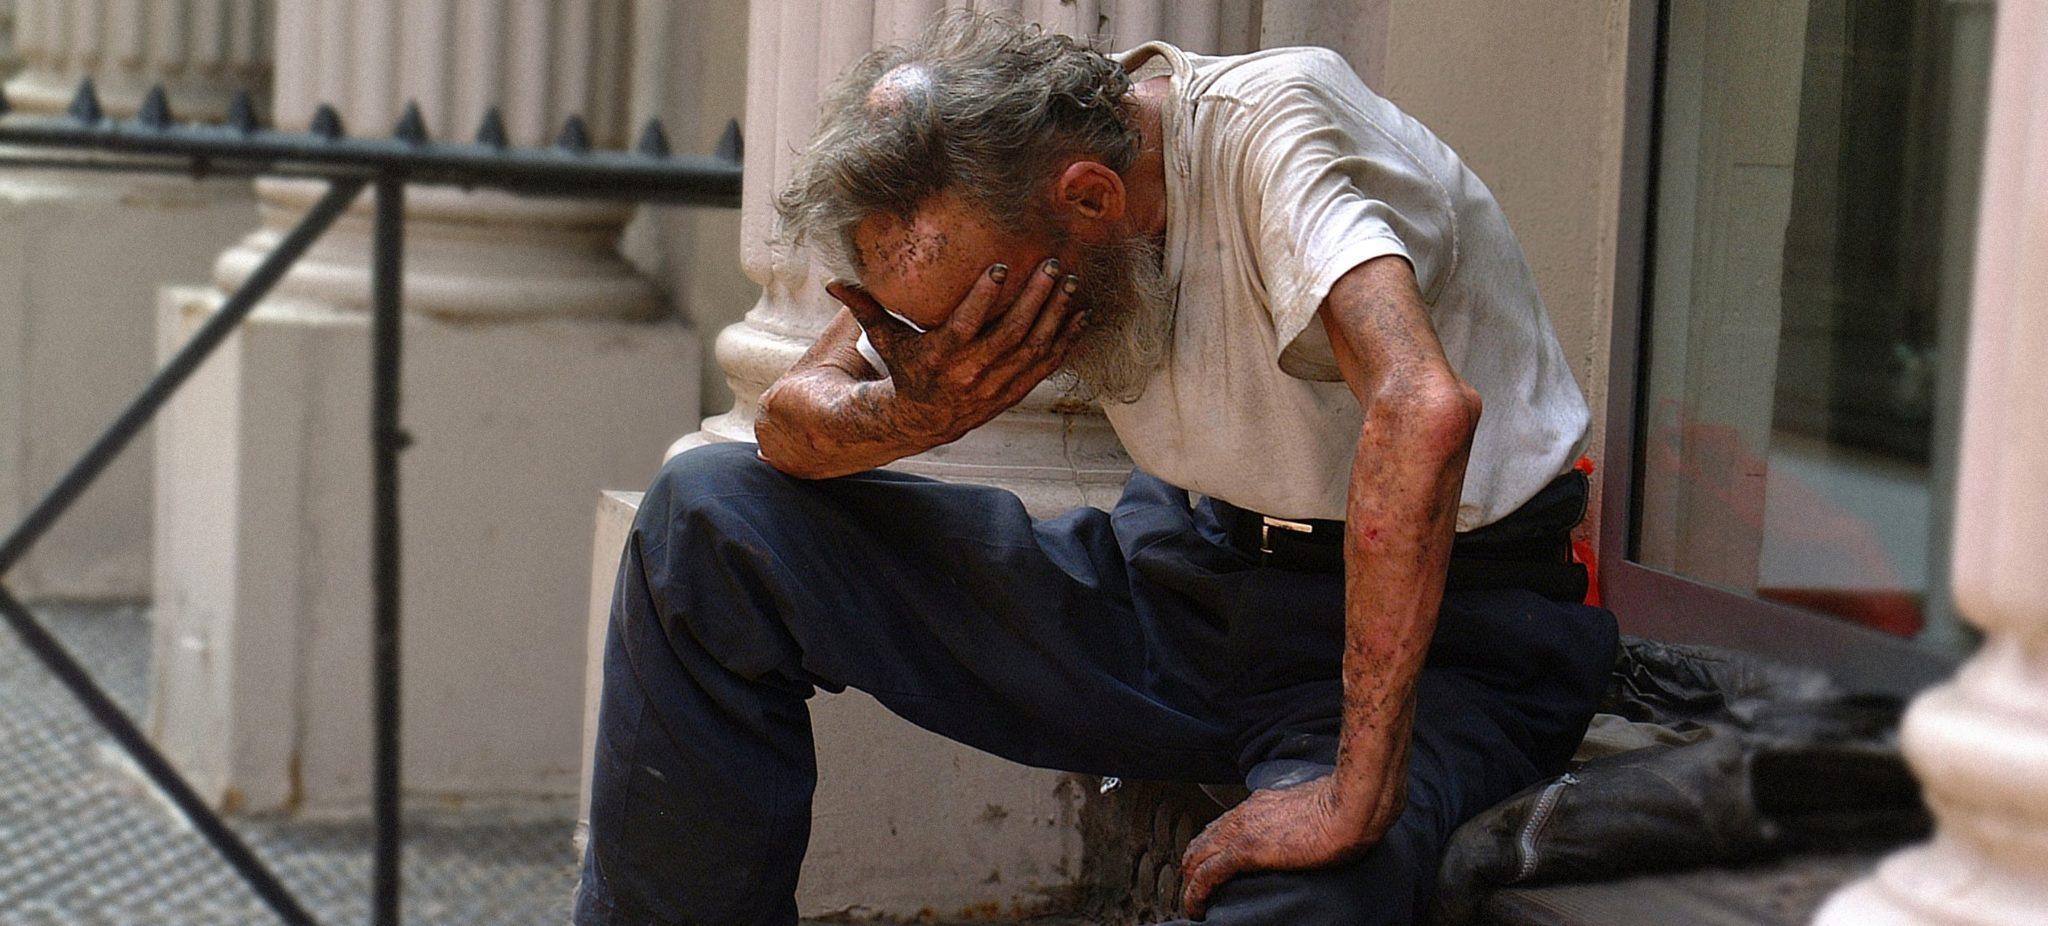 swieta-czas-marnotrawstwa-podziel-sie-posilkiem-z-bezdomnymi